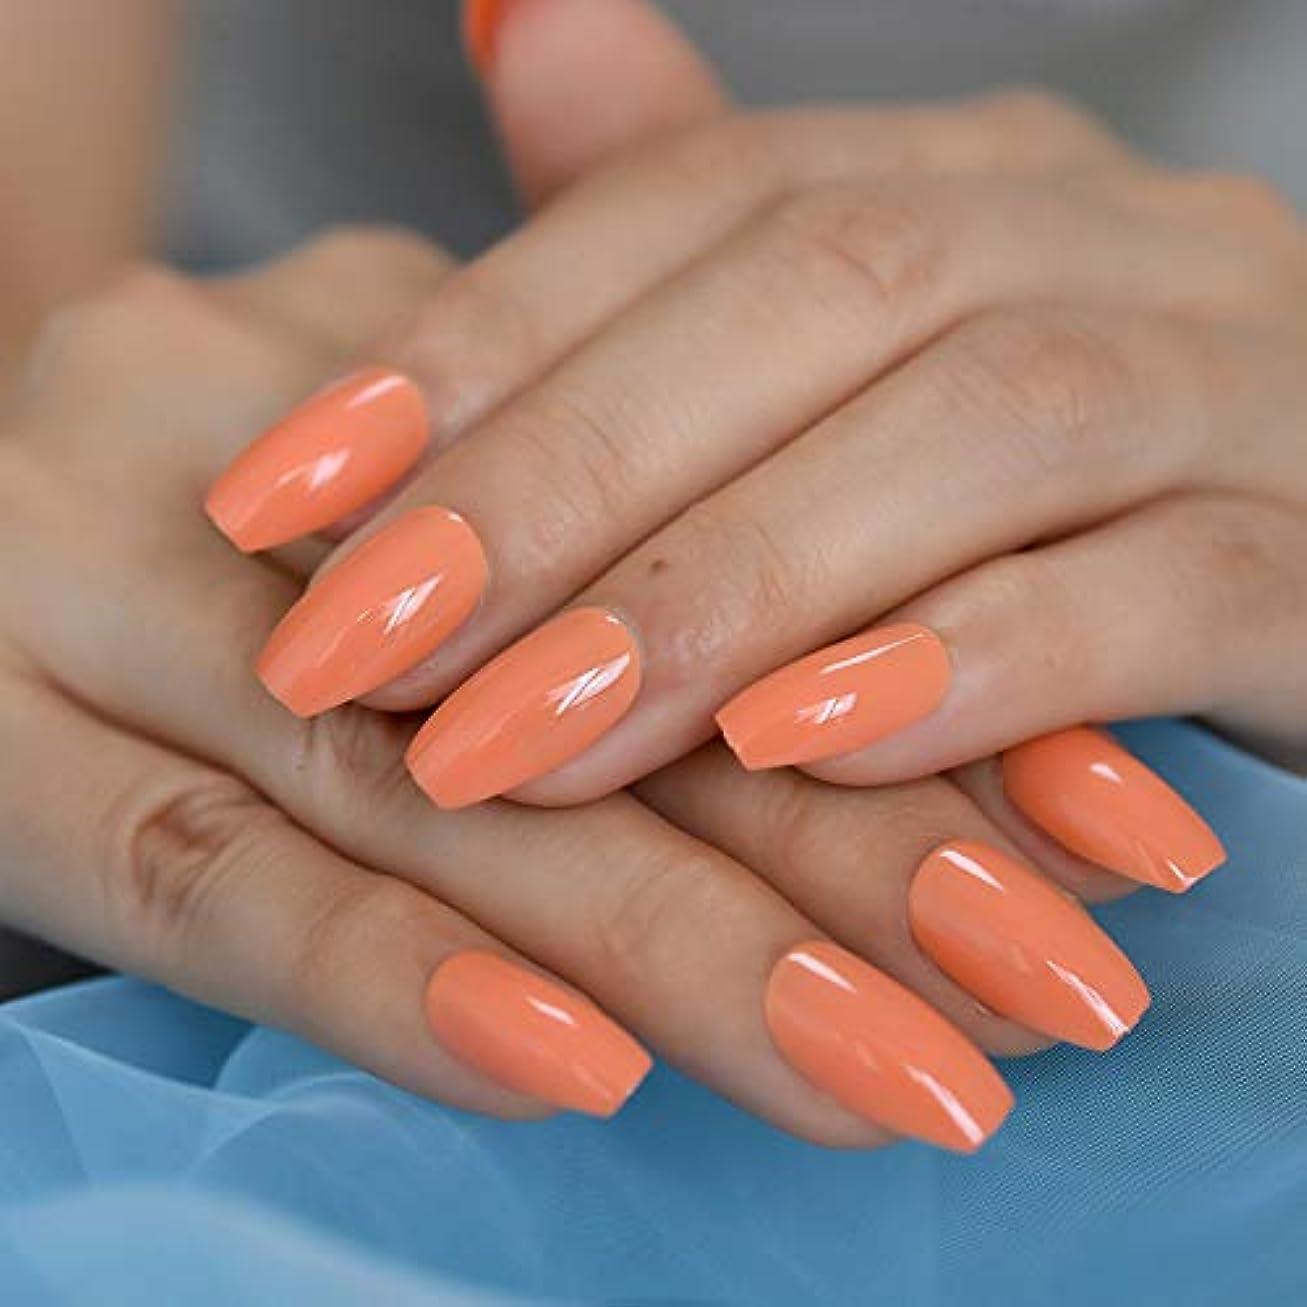 変なサーマル異形XUTXZKA 薄オレンジ色の偽の爪光沢のあるソリッドカラーフルカバーネイルのヒント仮押しネイルステッカー24